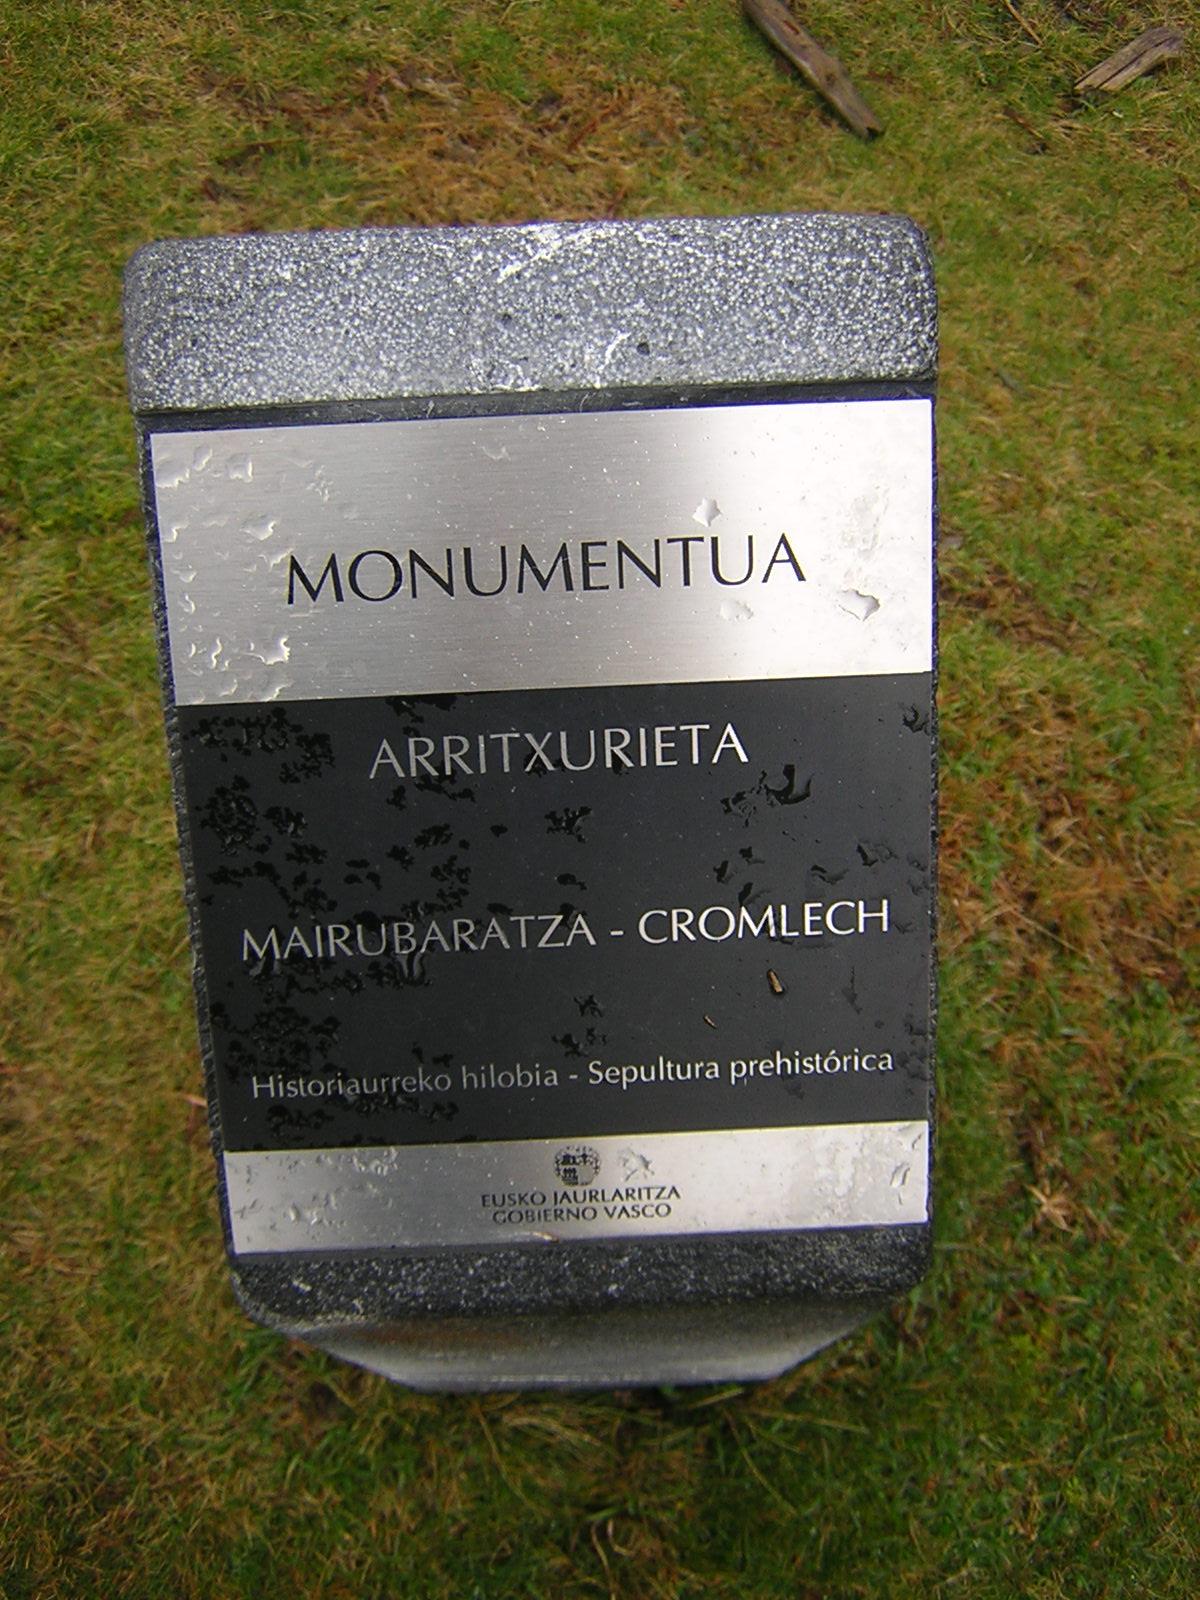 Cromlech Arritxurieta Mairubaratza